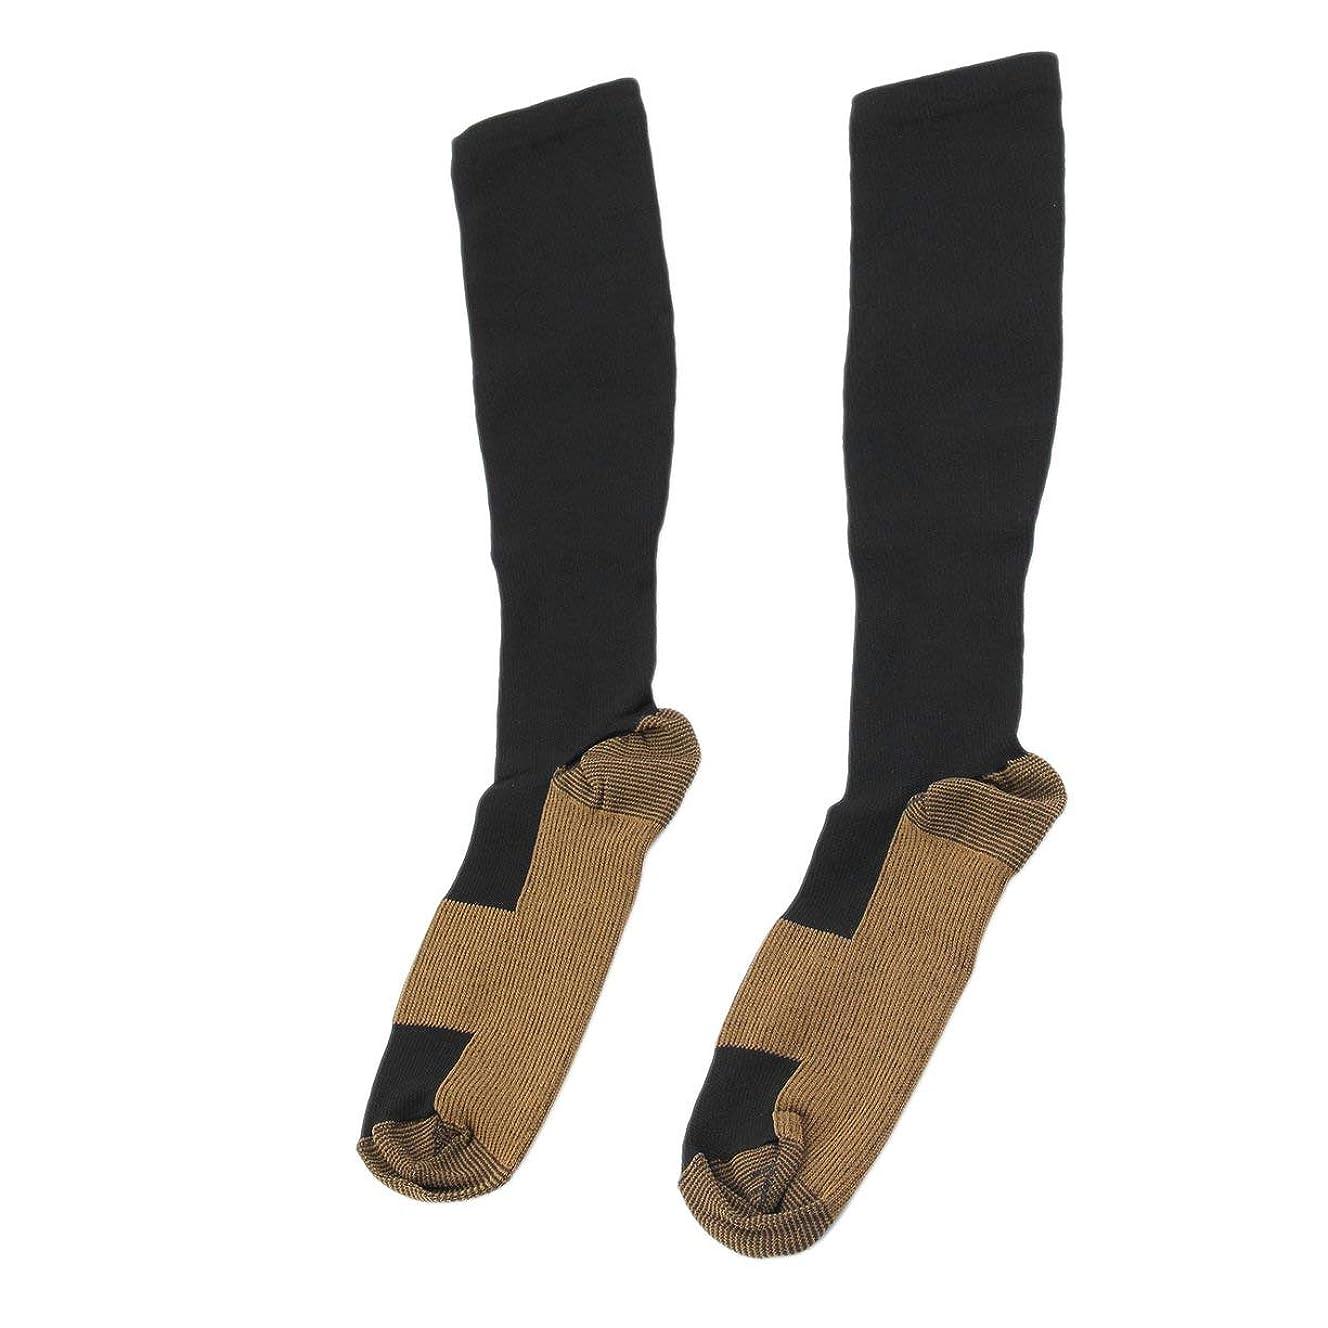 億保有者説明するファッショナブルな快適な救済ソフト男性女性抗疲労圧縮靴下抗疲労静脈瘤ソックス - ブラックL